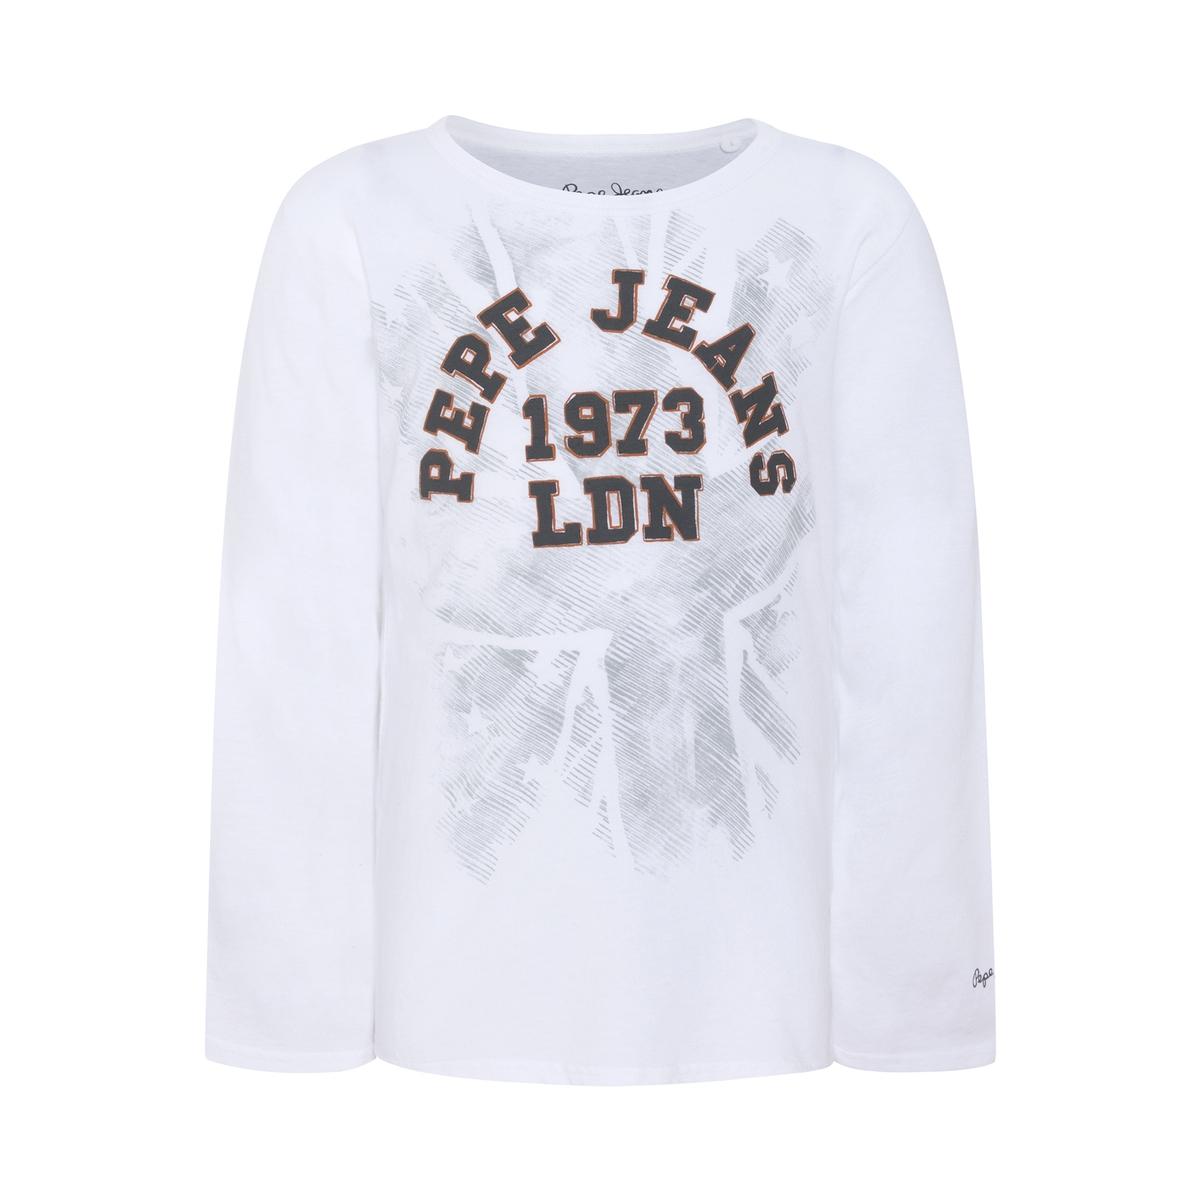 Футболка с рисунком и длинными рукавами, 8-16 лет футболка с длинными рукавами uv 8 16 лет